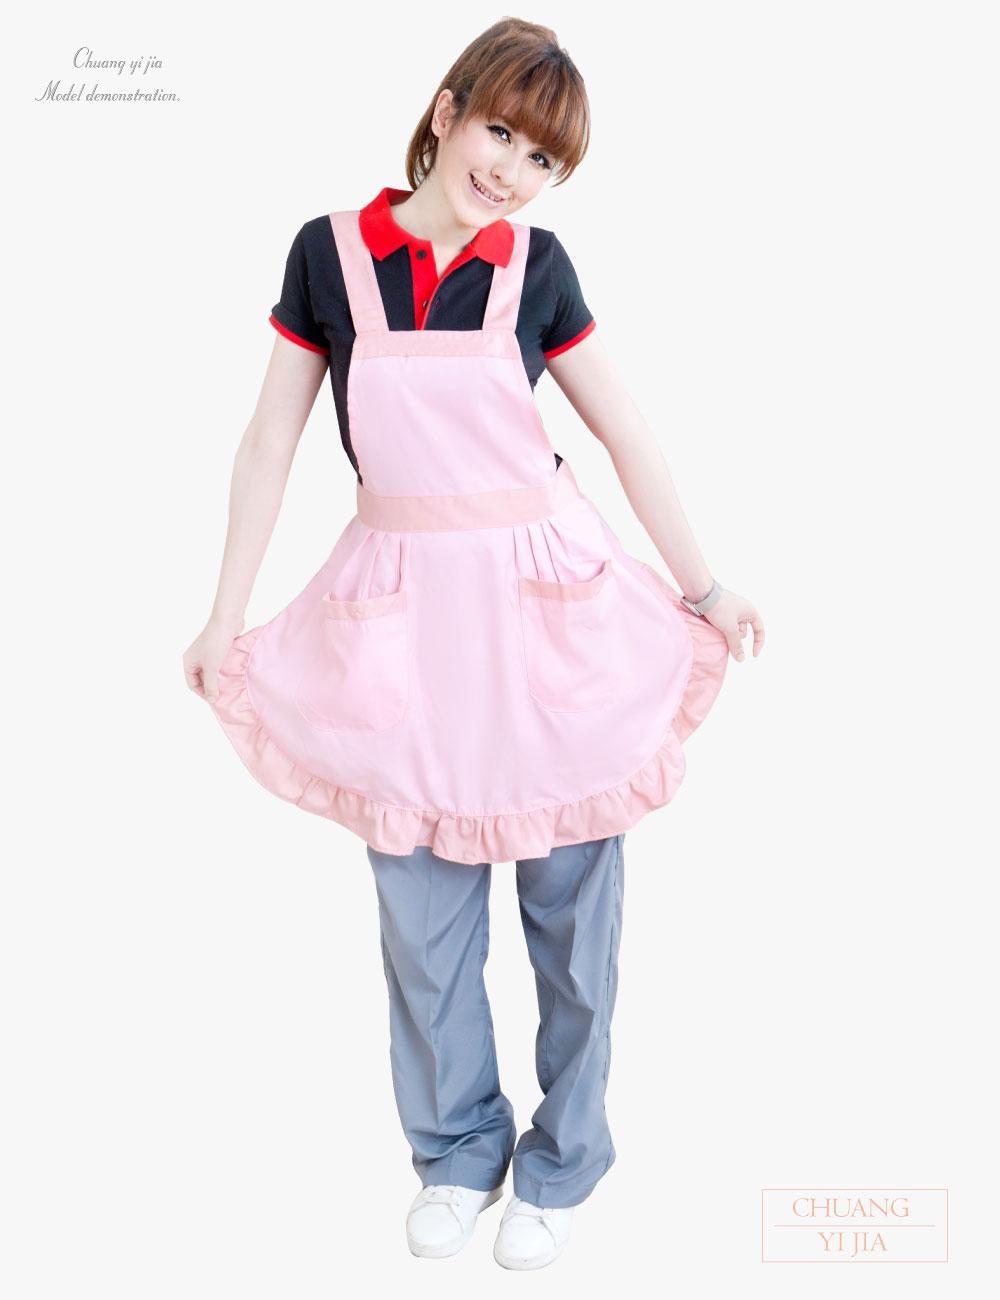 荷葉邊圍裙,專業圍裙,廚師圍裙,烘培圍裙,園藝圍裙,防髒圍裙,日式圍裙,半截圍裙,圍裙訂製,職人日式圍裙圍